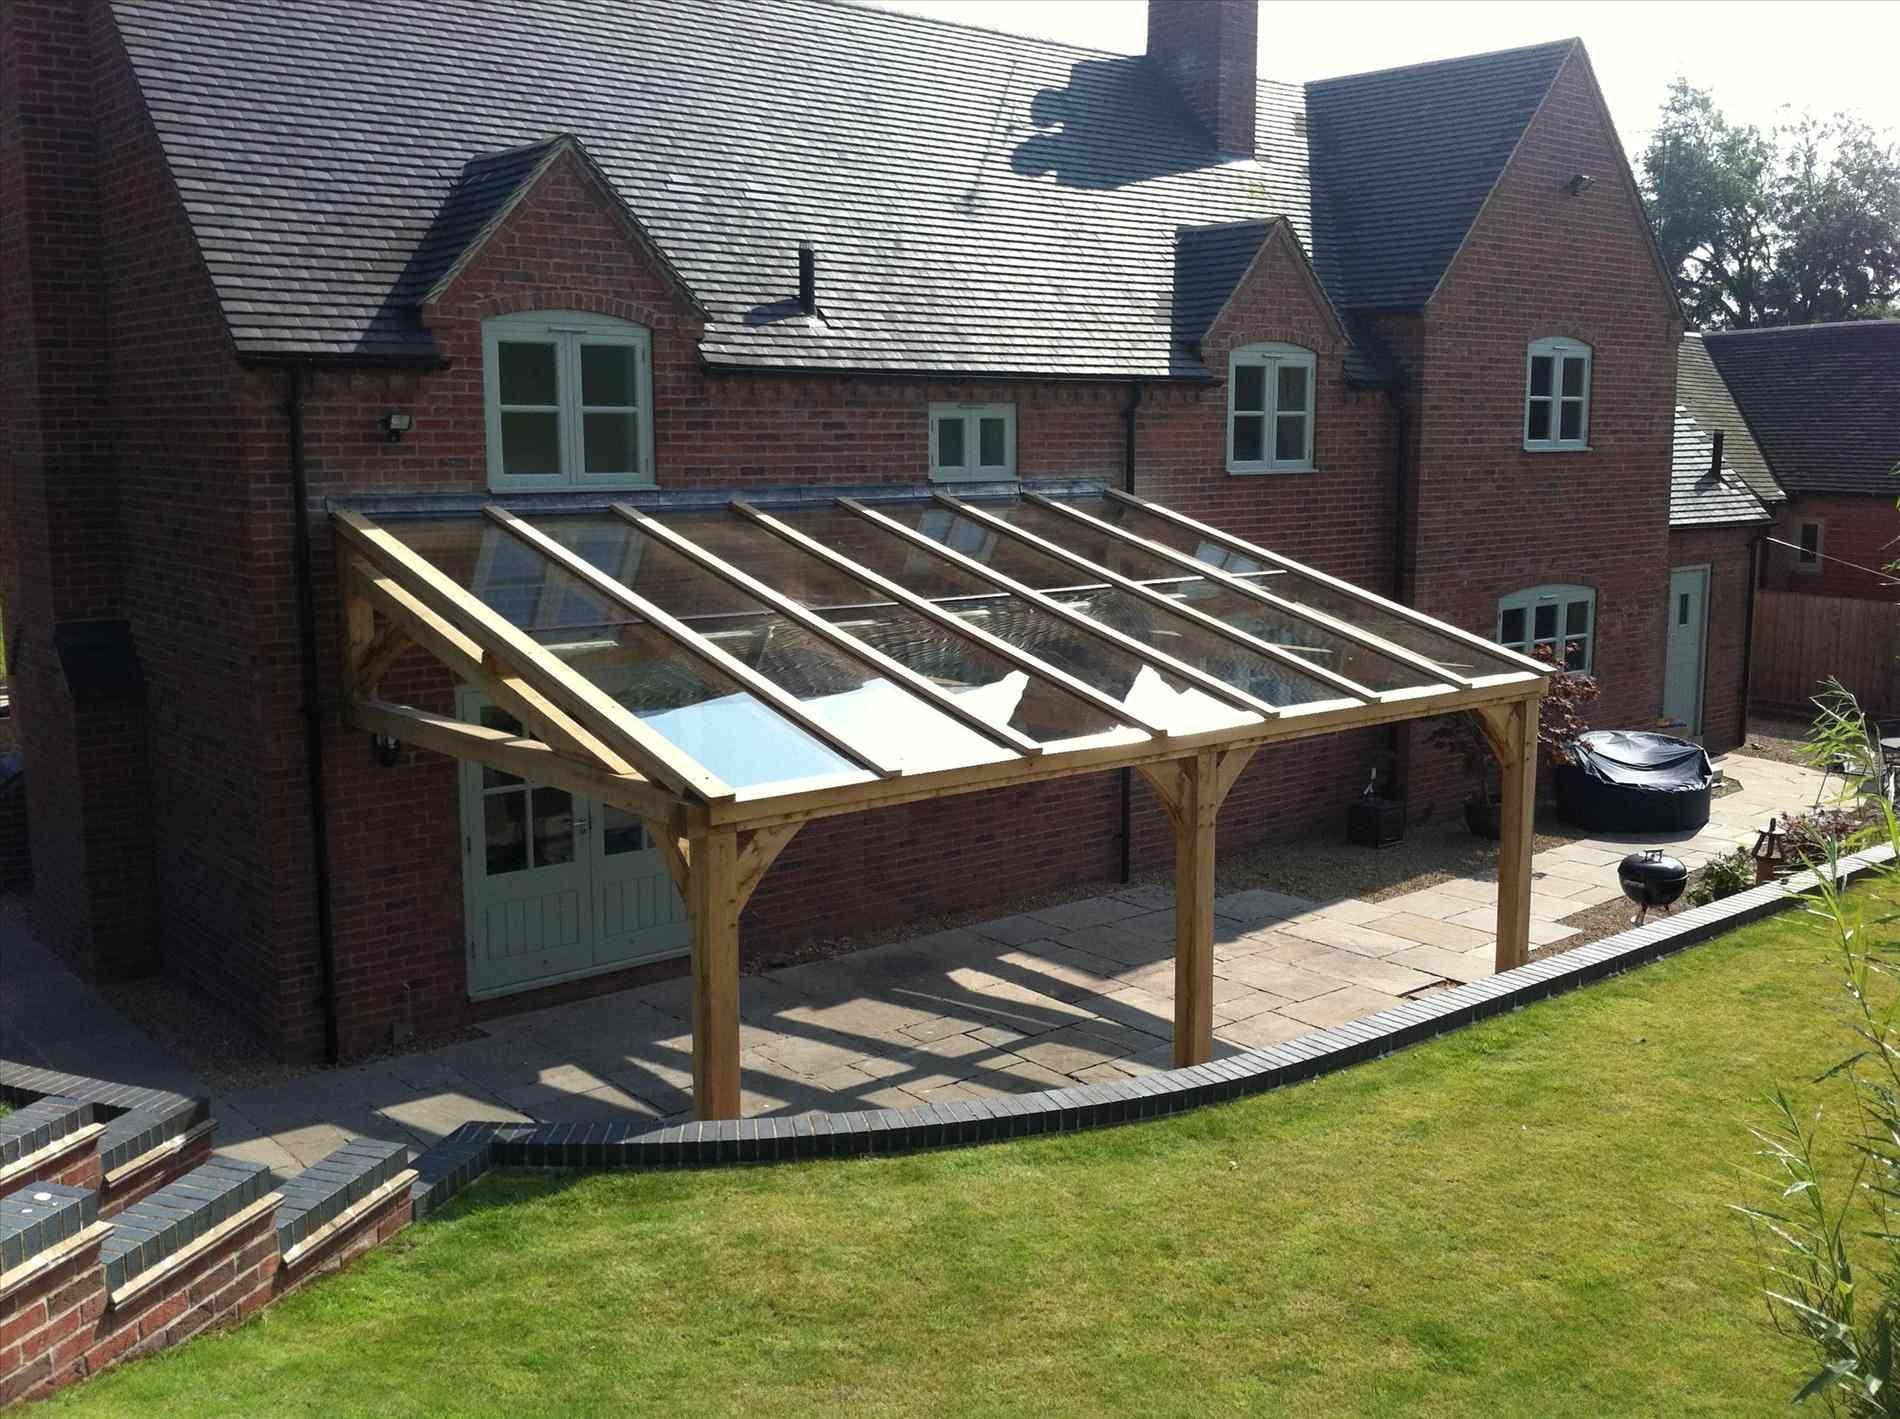 Verandah Roof Designs Home Roof Ideas Outdoor Pergola Pergola Glass Porch